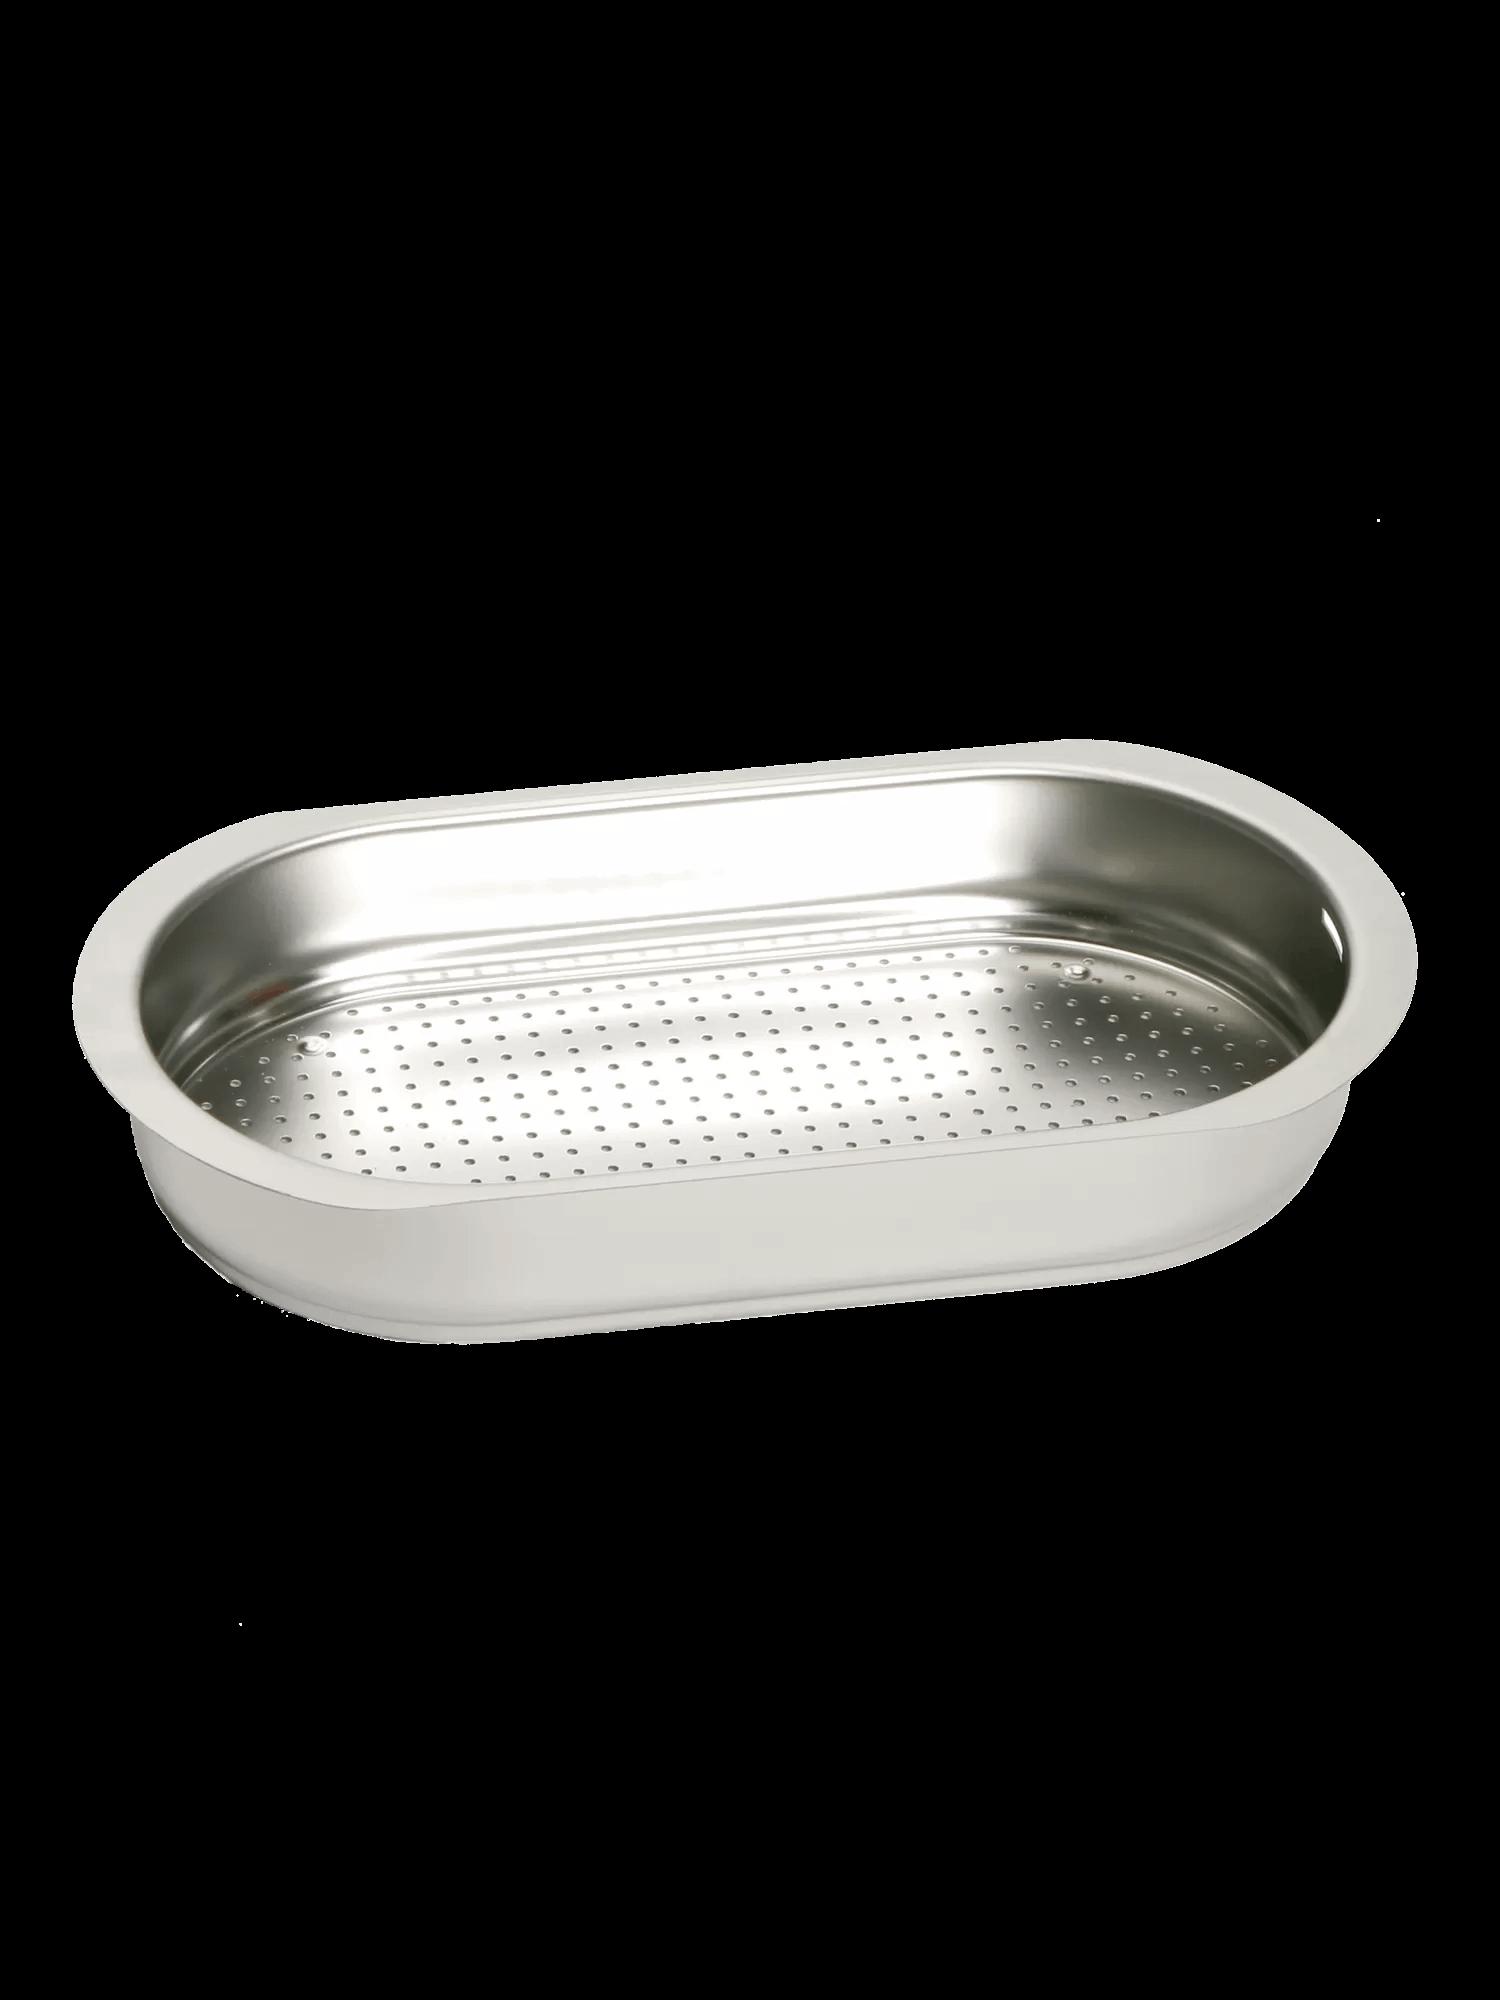 GaggenauSteam Pan - Perforated Ge020020